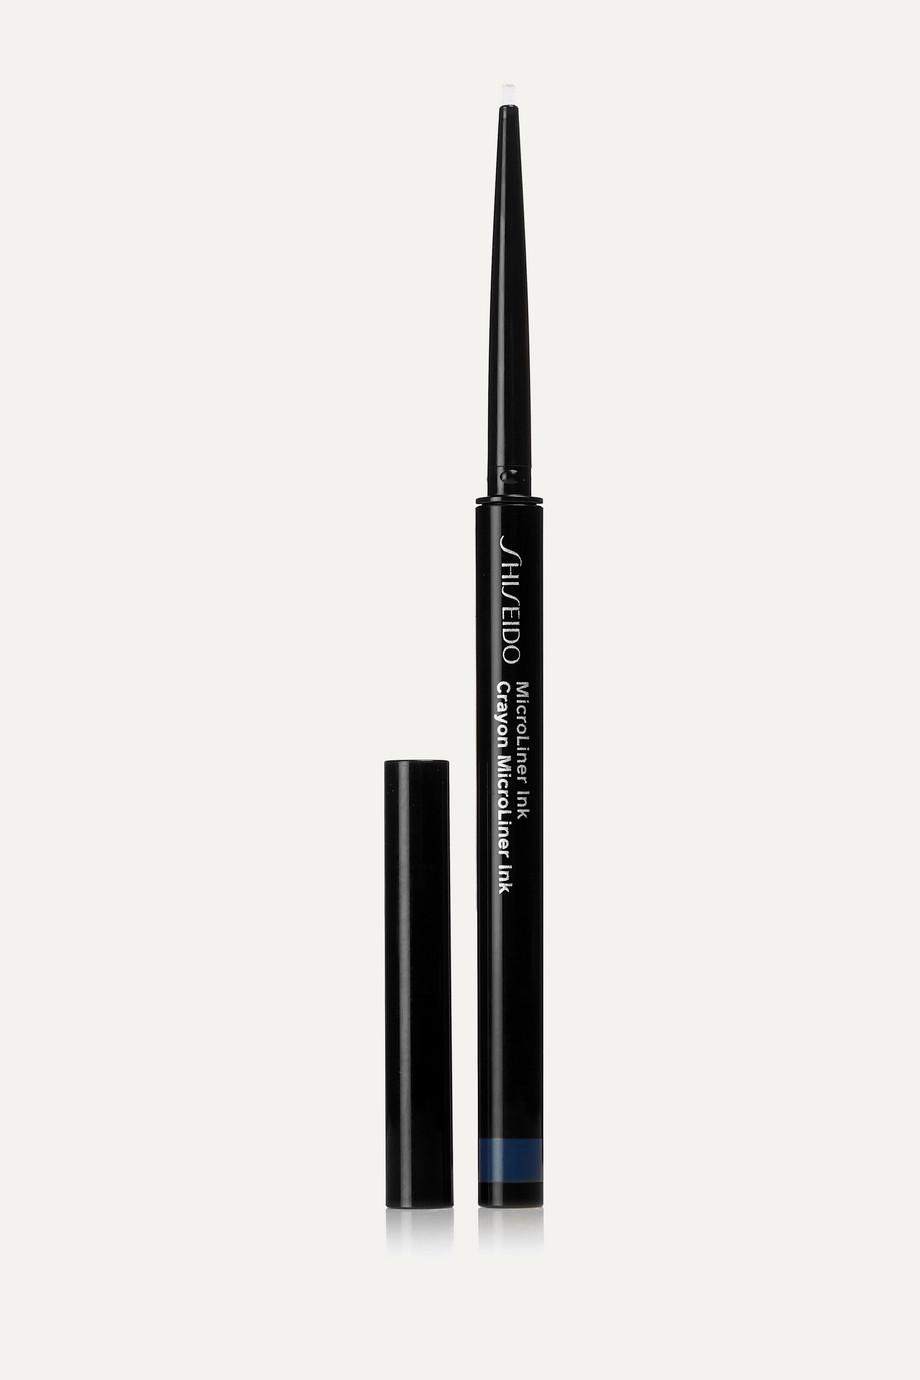 Shiseido MicroLiner Ink – White 05 – Kajal